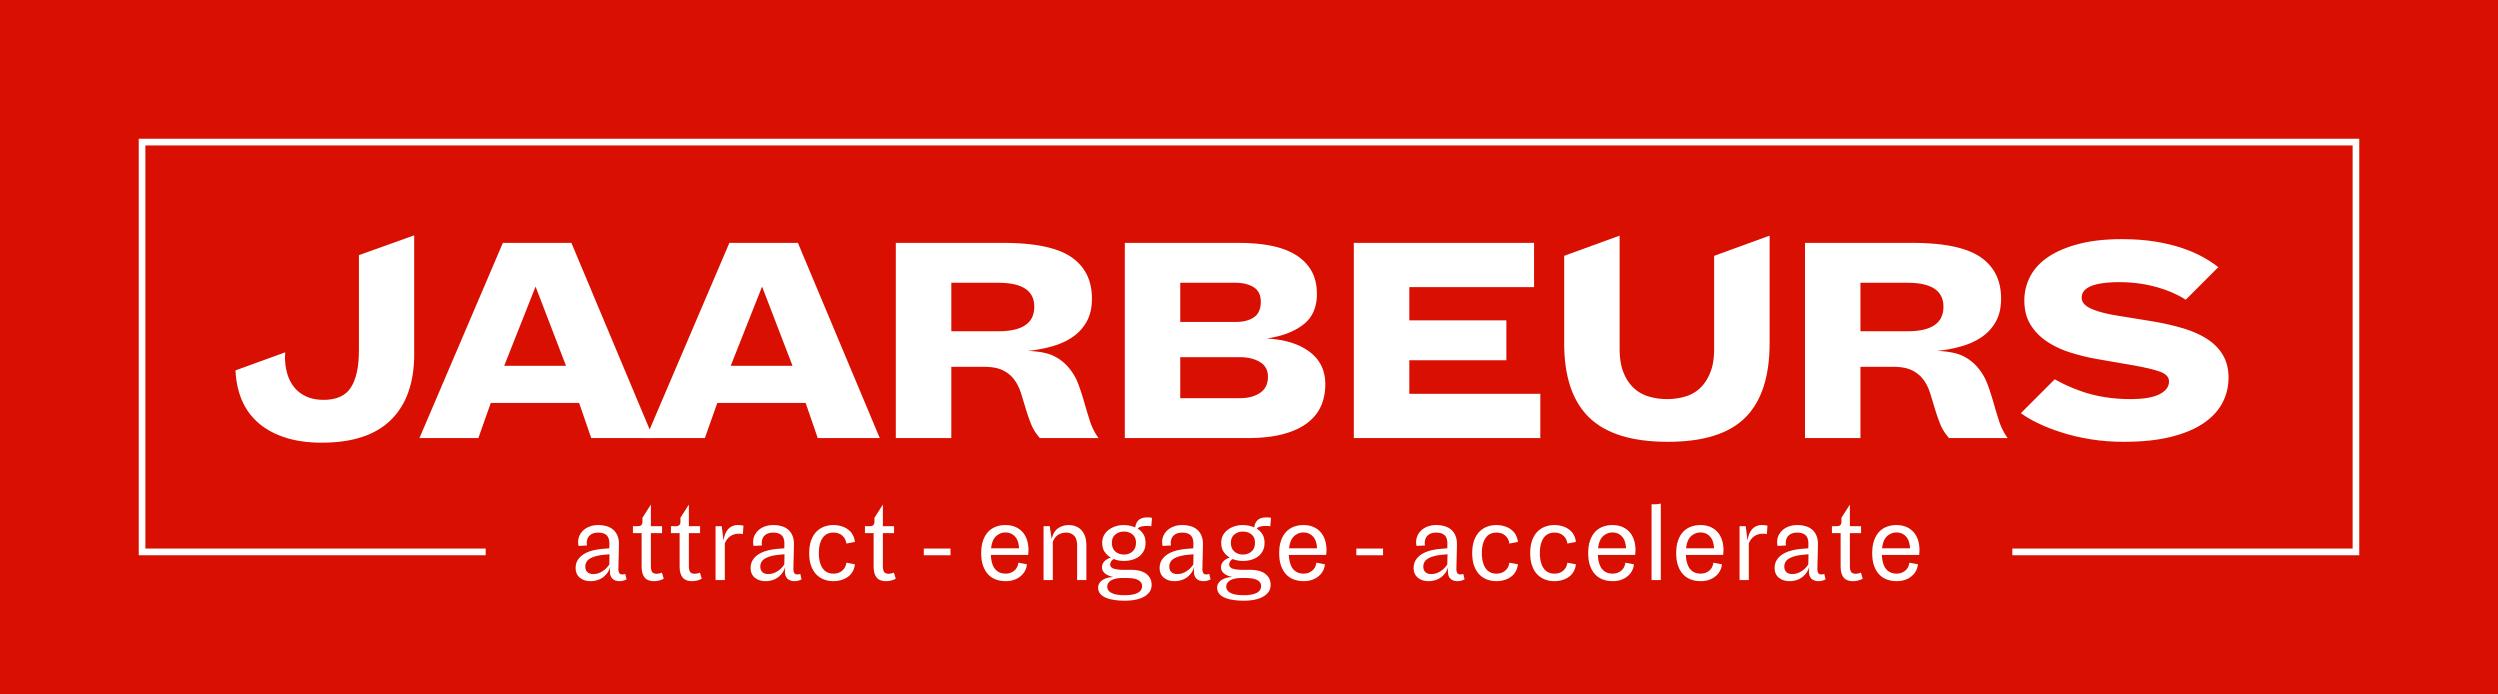 logo-jaarbeurs